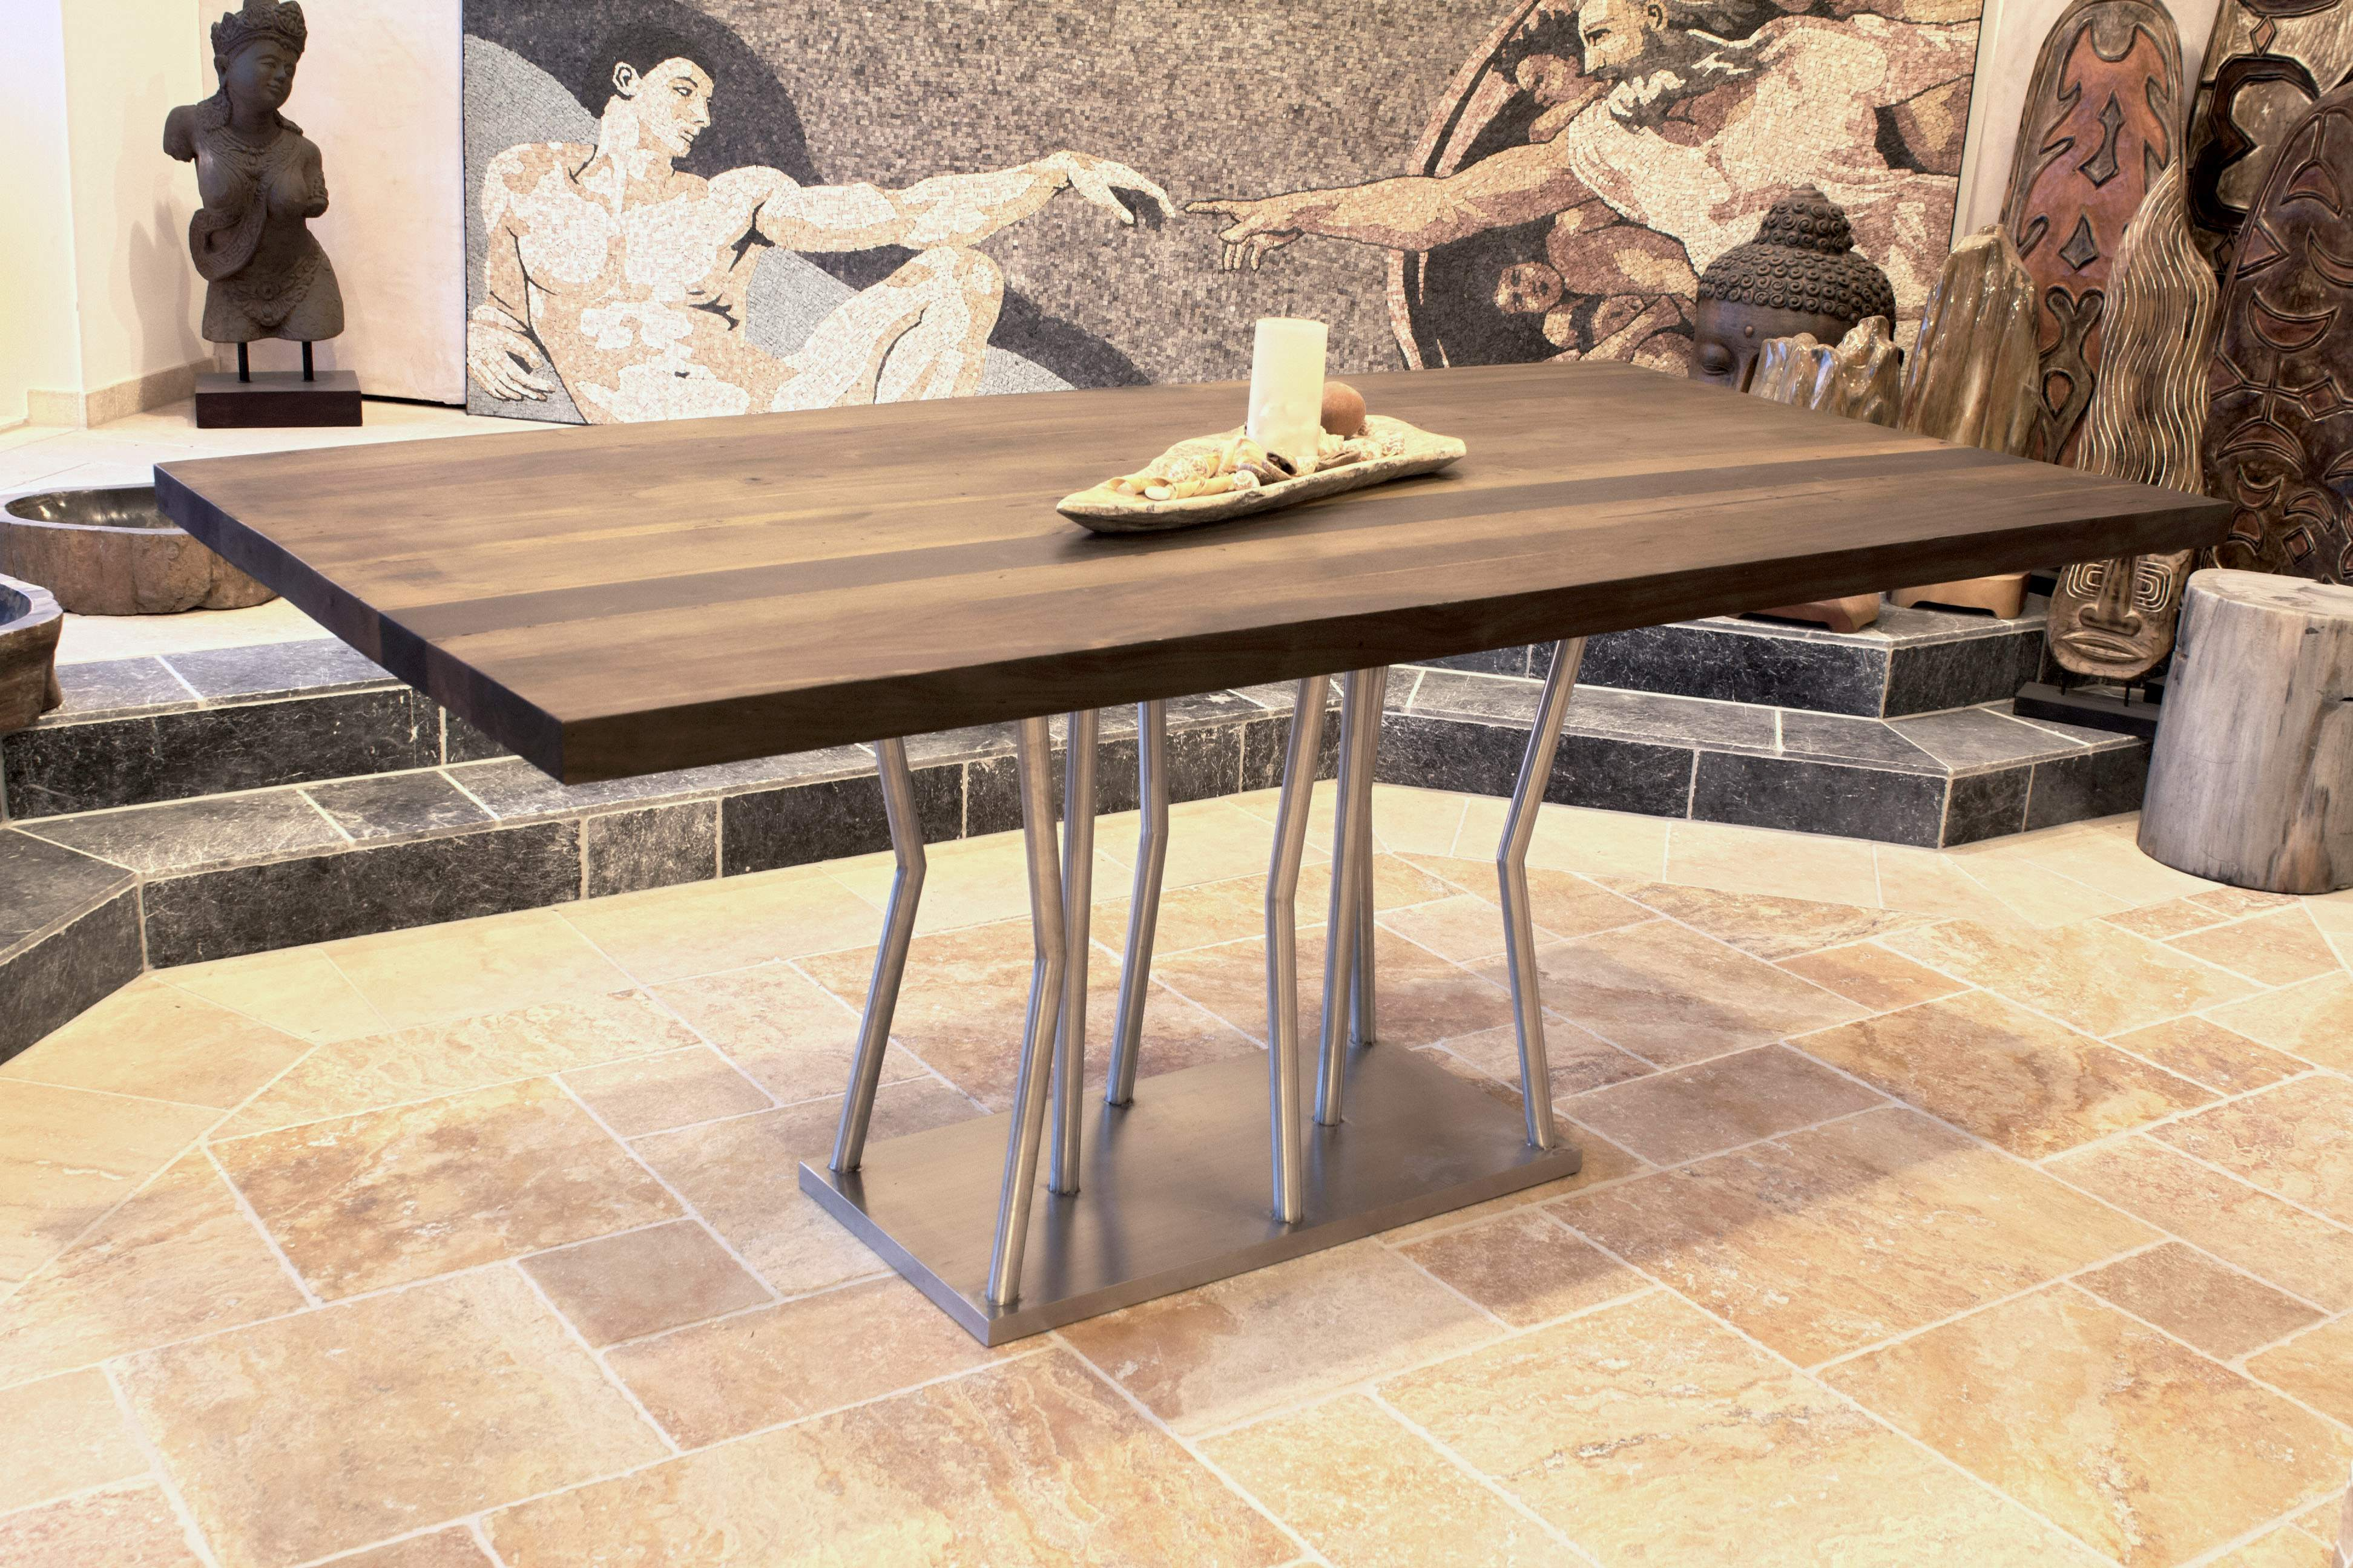 Esstisch mit tischgestell aus edelstahl 200 x 100 cm der for Esstisch holz mit edelstahl